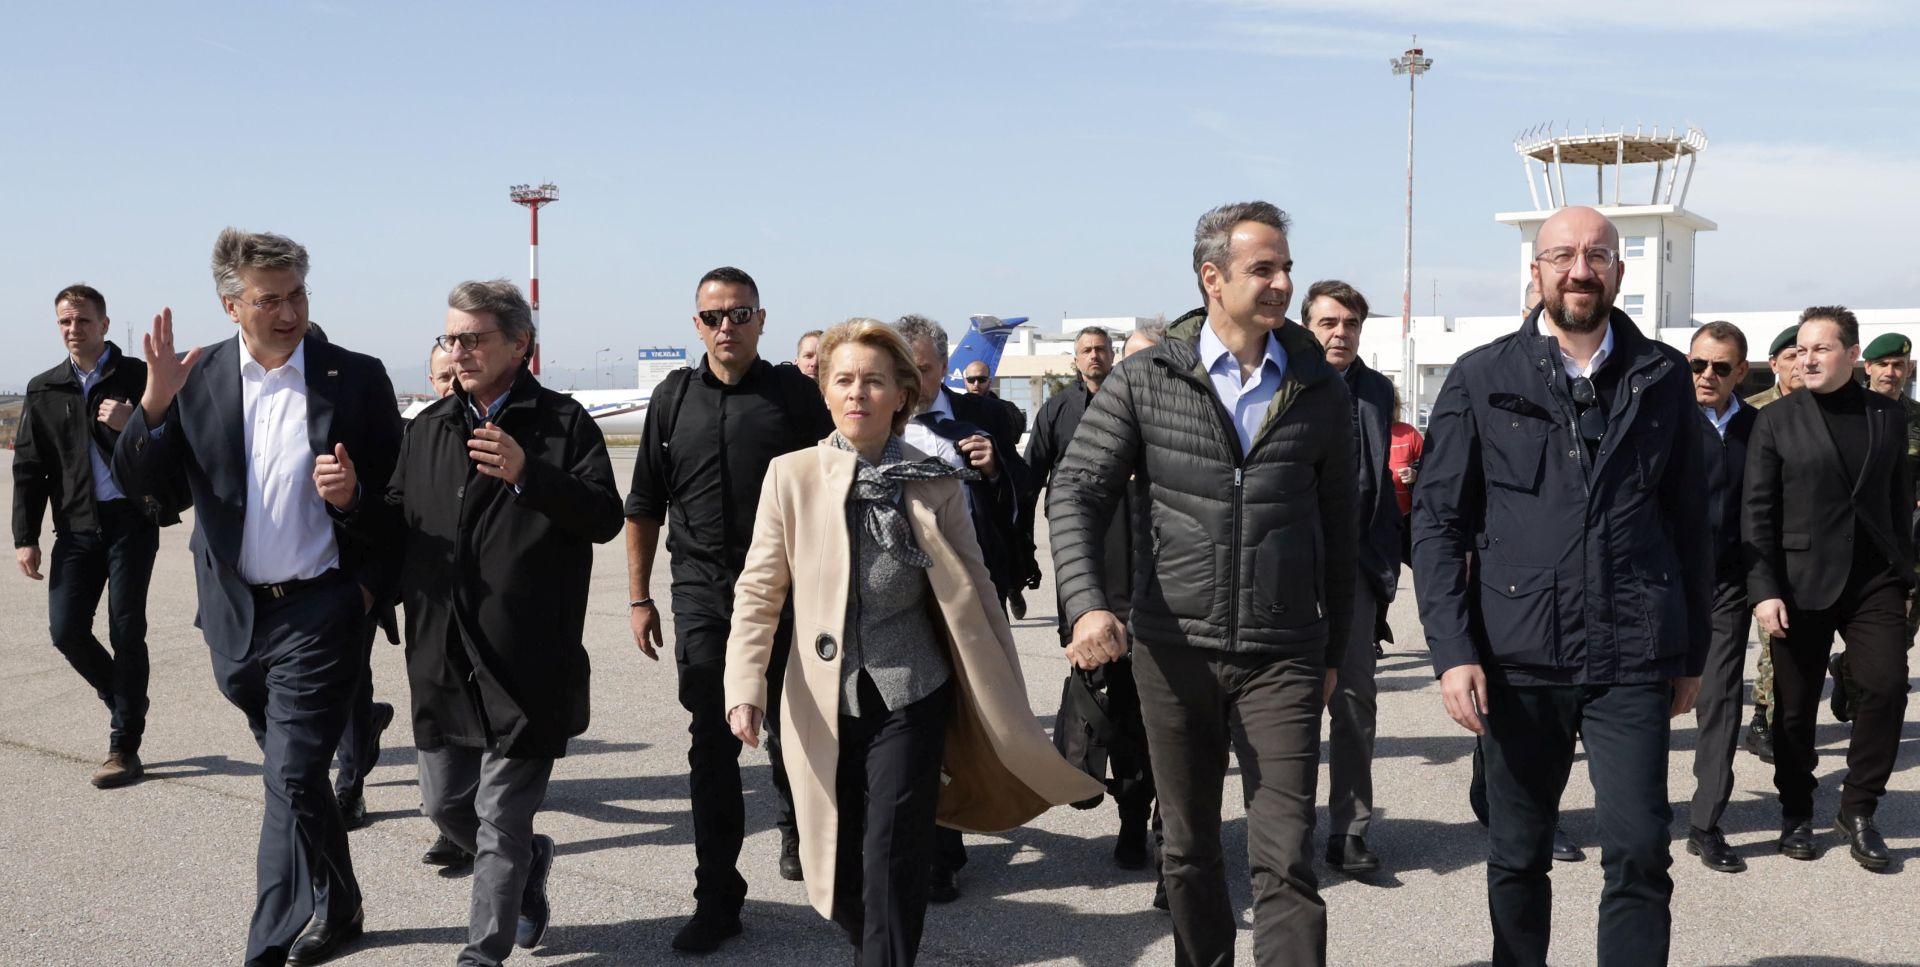 EU UPRAVO ŠALJE 88,9 MILIONA EURA POMOĆI HRVATSKOJ: 'Težak teret je pao na ovu zemlju, moramo pokazati solidarnost'